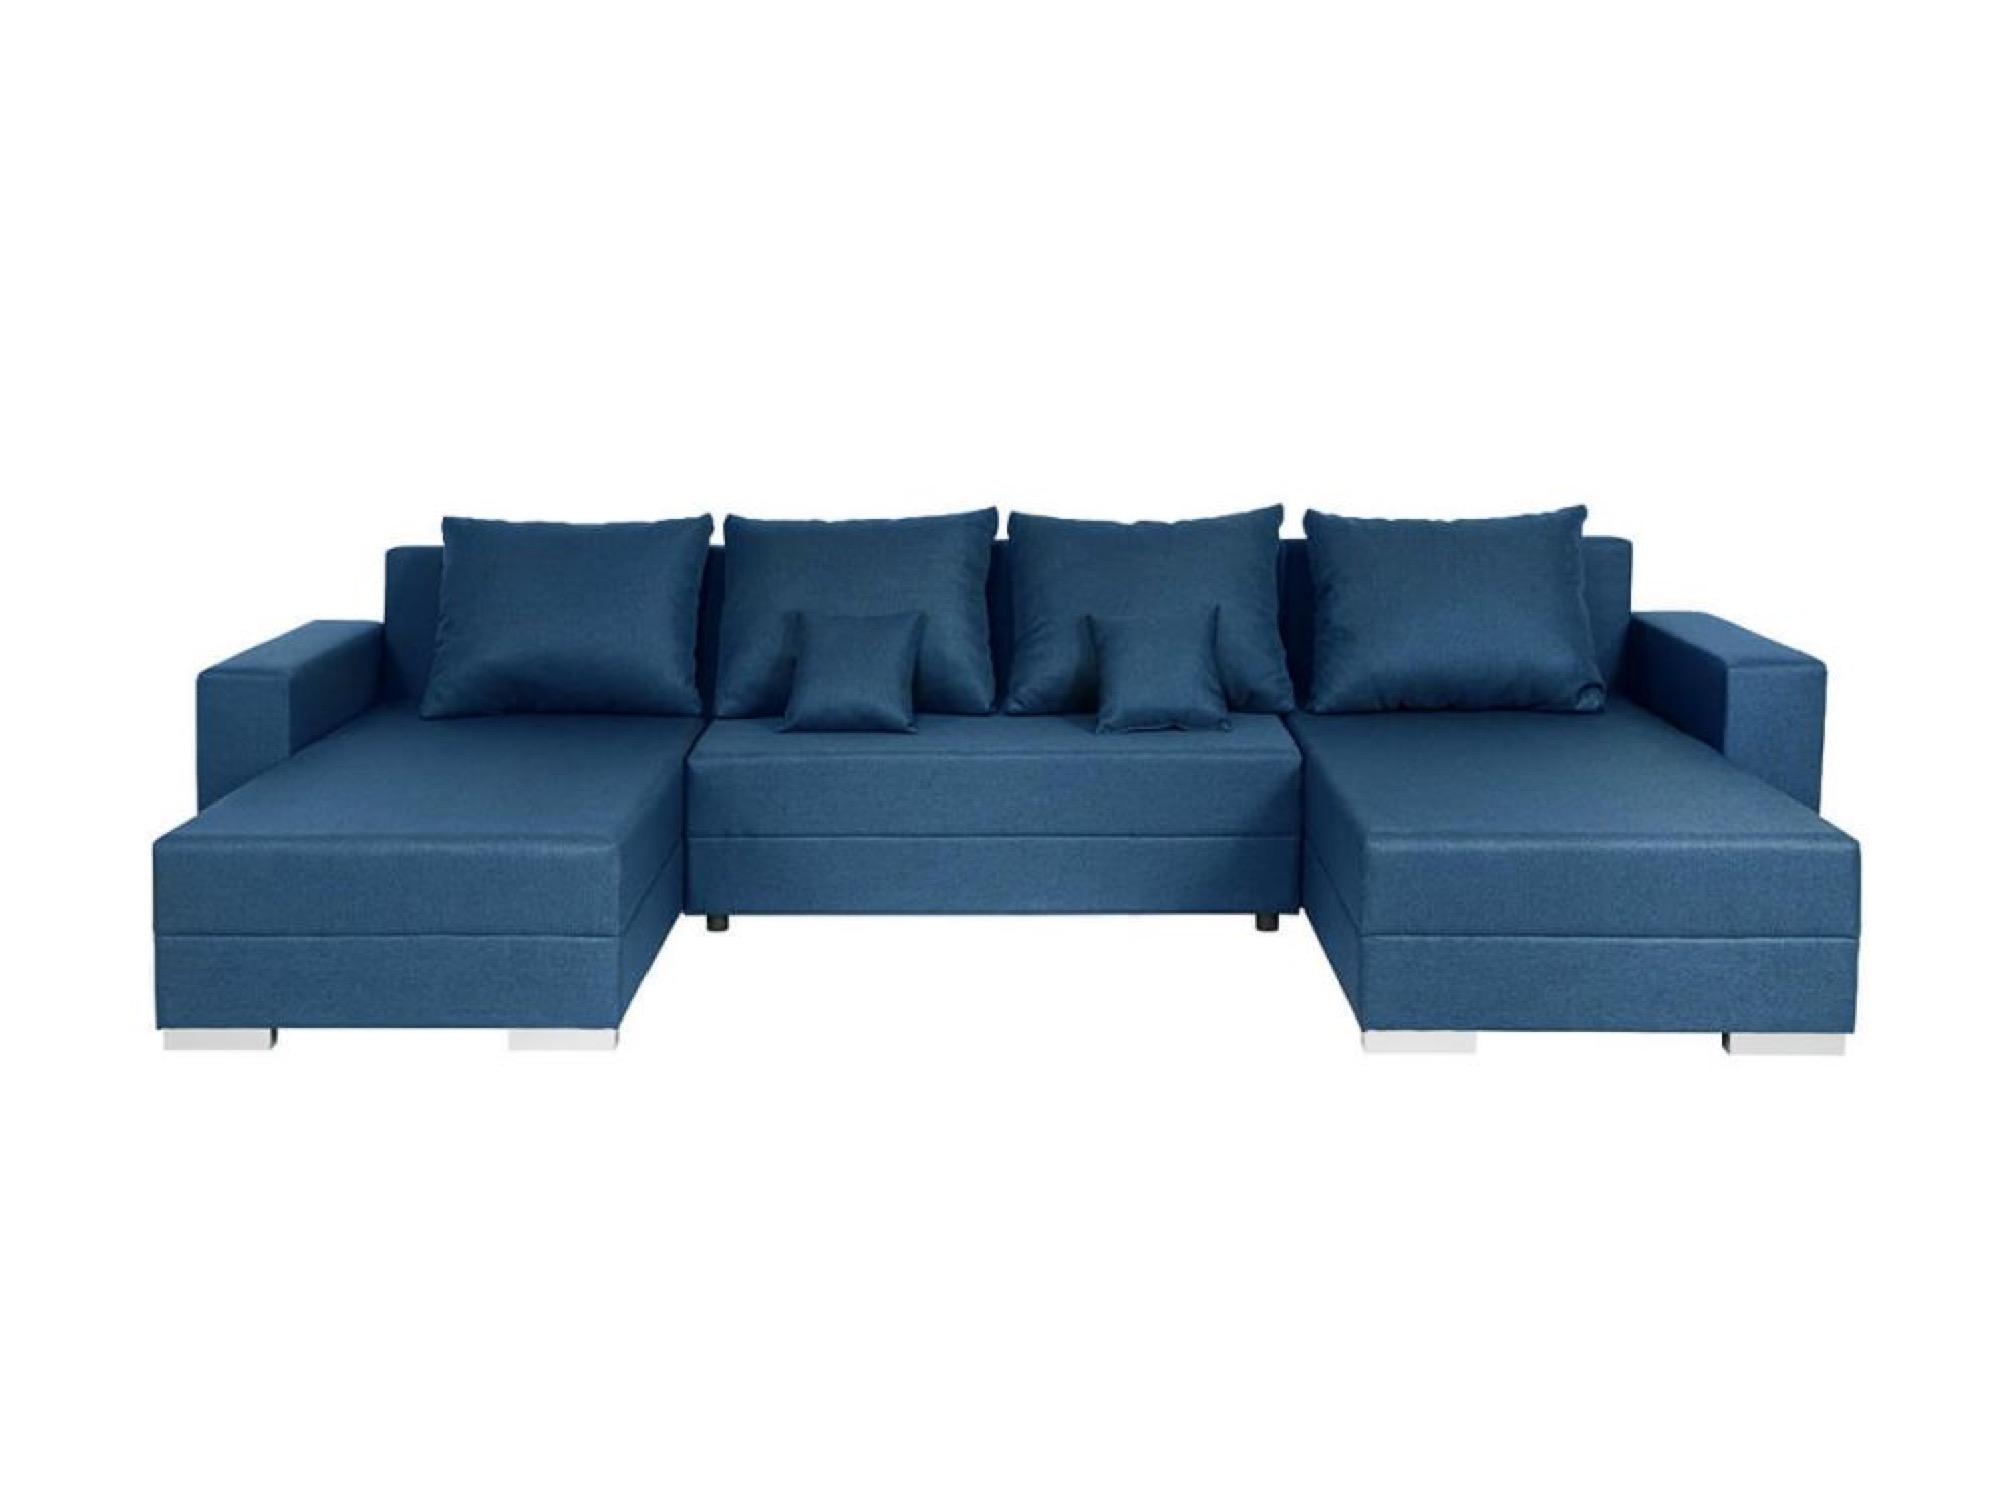 Canapé d'angle panoramique convertible en tissu bleu